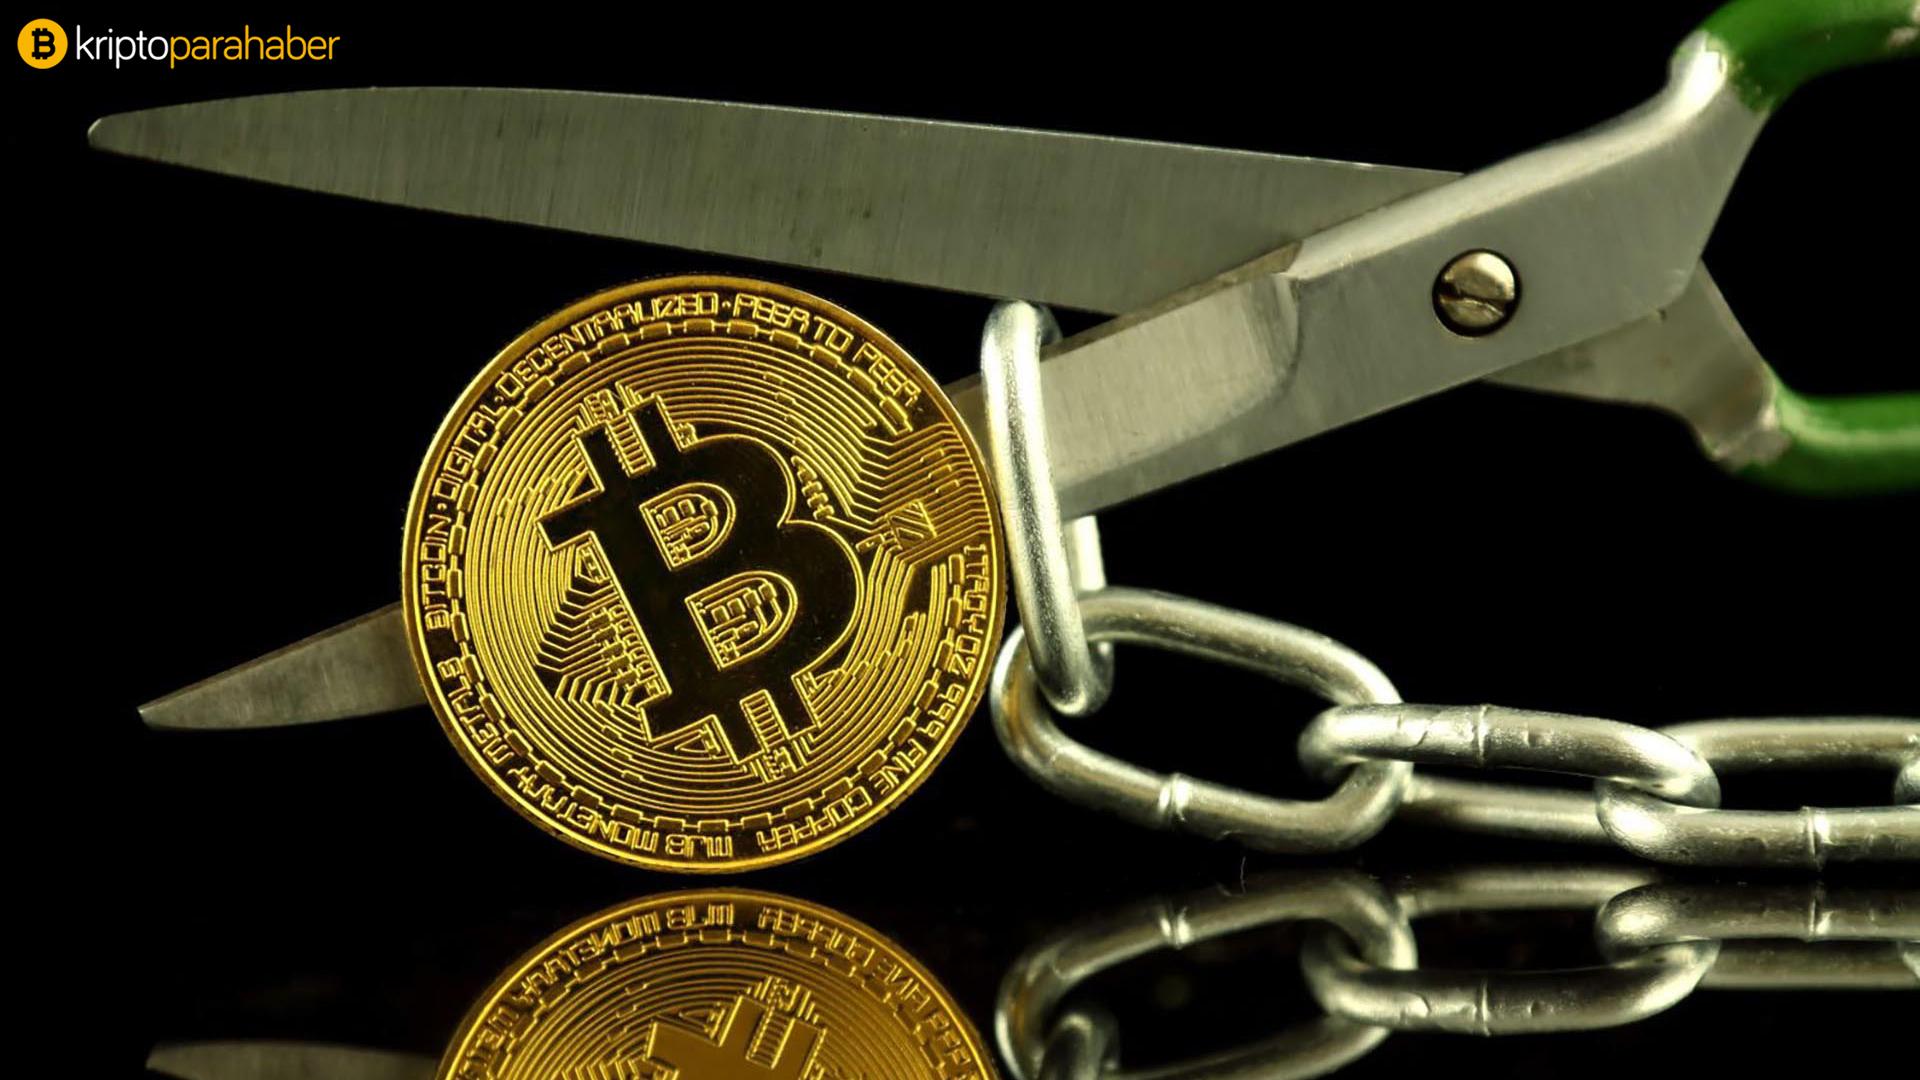 Bitcoin fiyatında çöküş sonlanmadı mı? İşte 4 analistten 4 çarpıcı tahmin